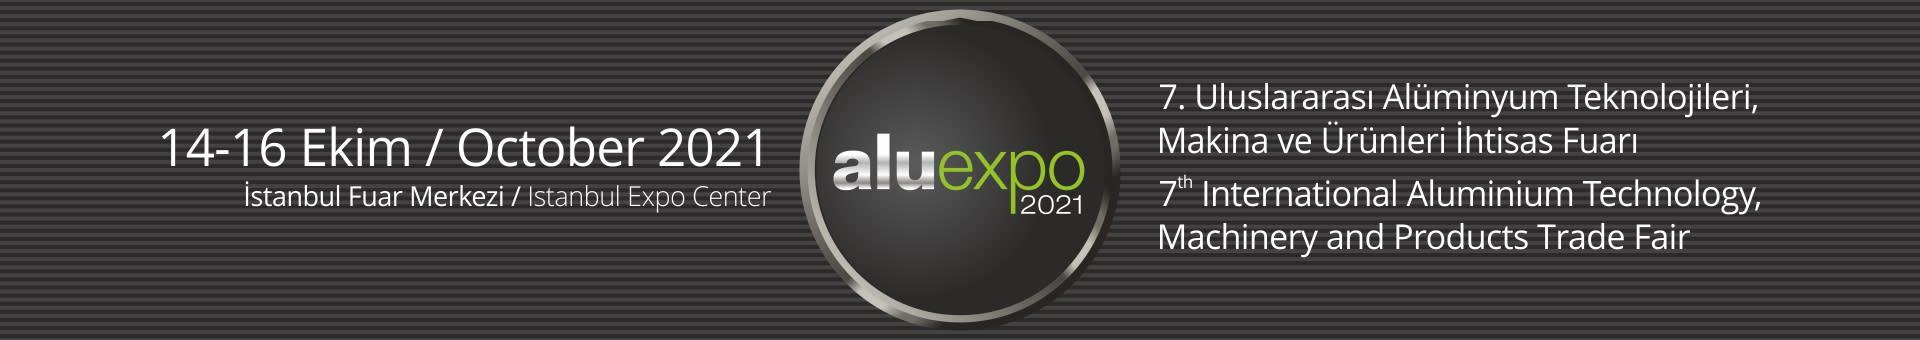 14-16 Ekim 2021 Tarihlerinde, Aluexpo 2021'de Hitachi Spektrometrelerimiz ve Thermo Scientific Niton XRF Analiz Cihazlarımızla Yerimizi Alıyoruz!